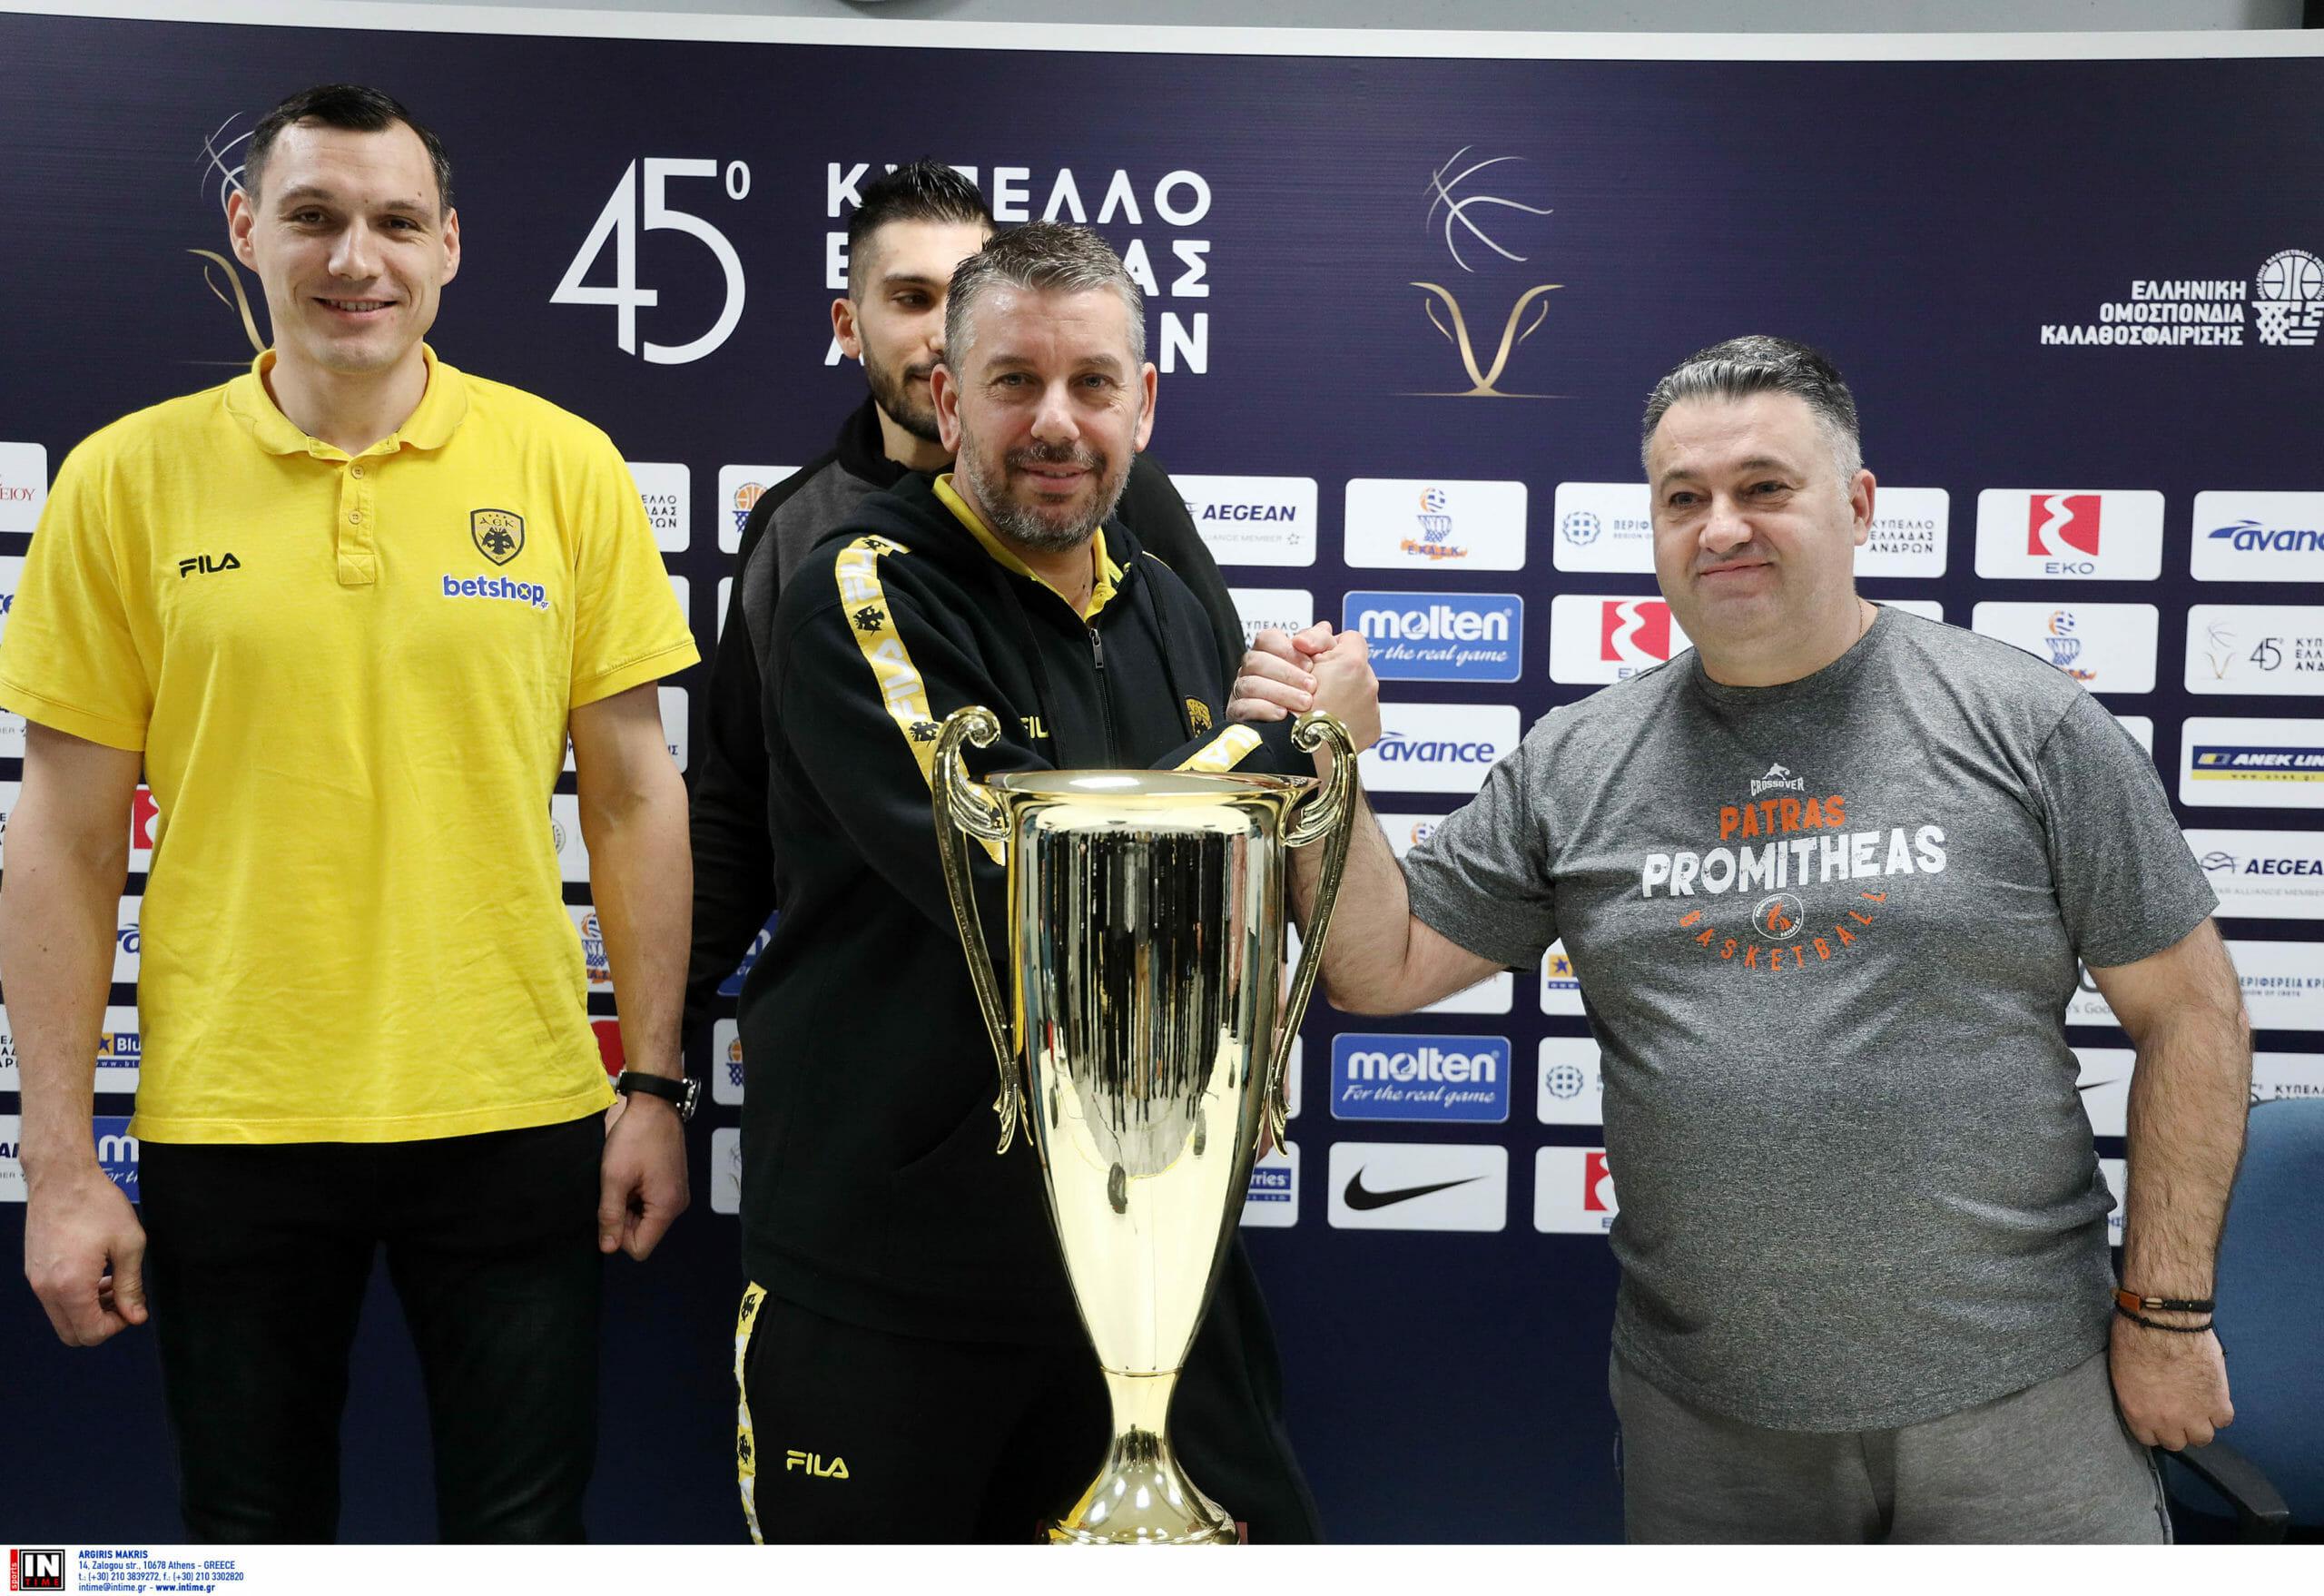 Τελικός Κυπέλλου Ελλάδας: Αποφασισμένοι για την κούπα ΑΕΚ και Προμηθέας